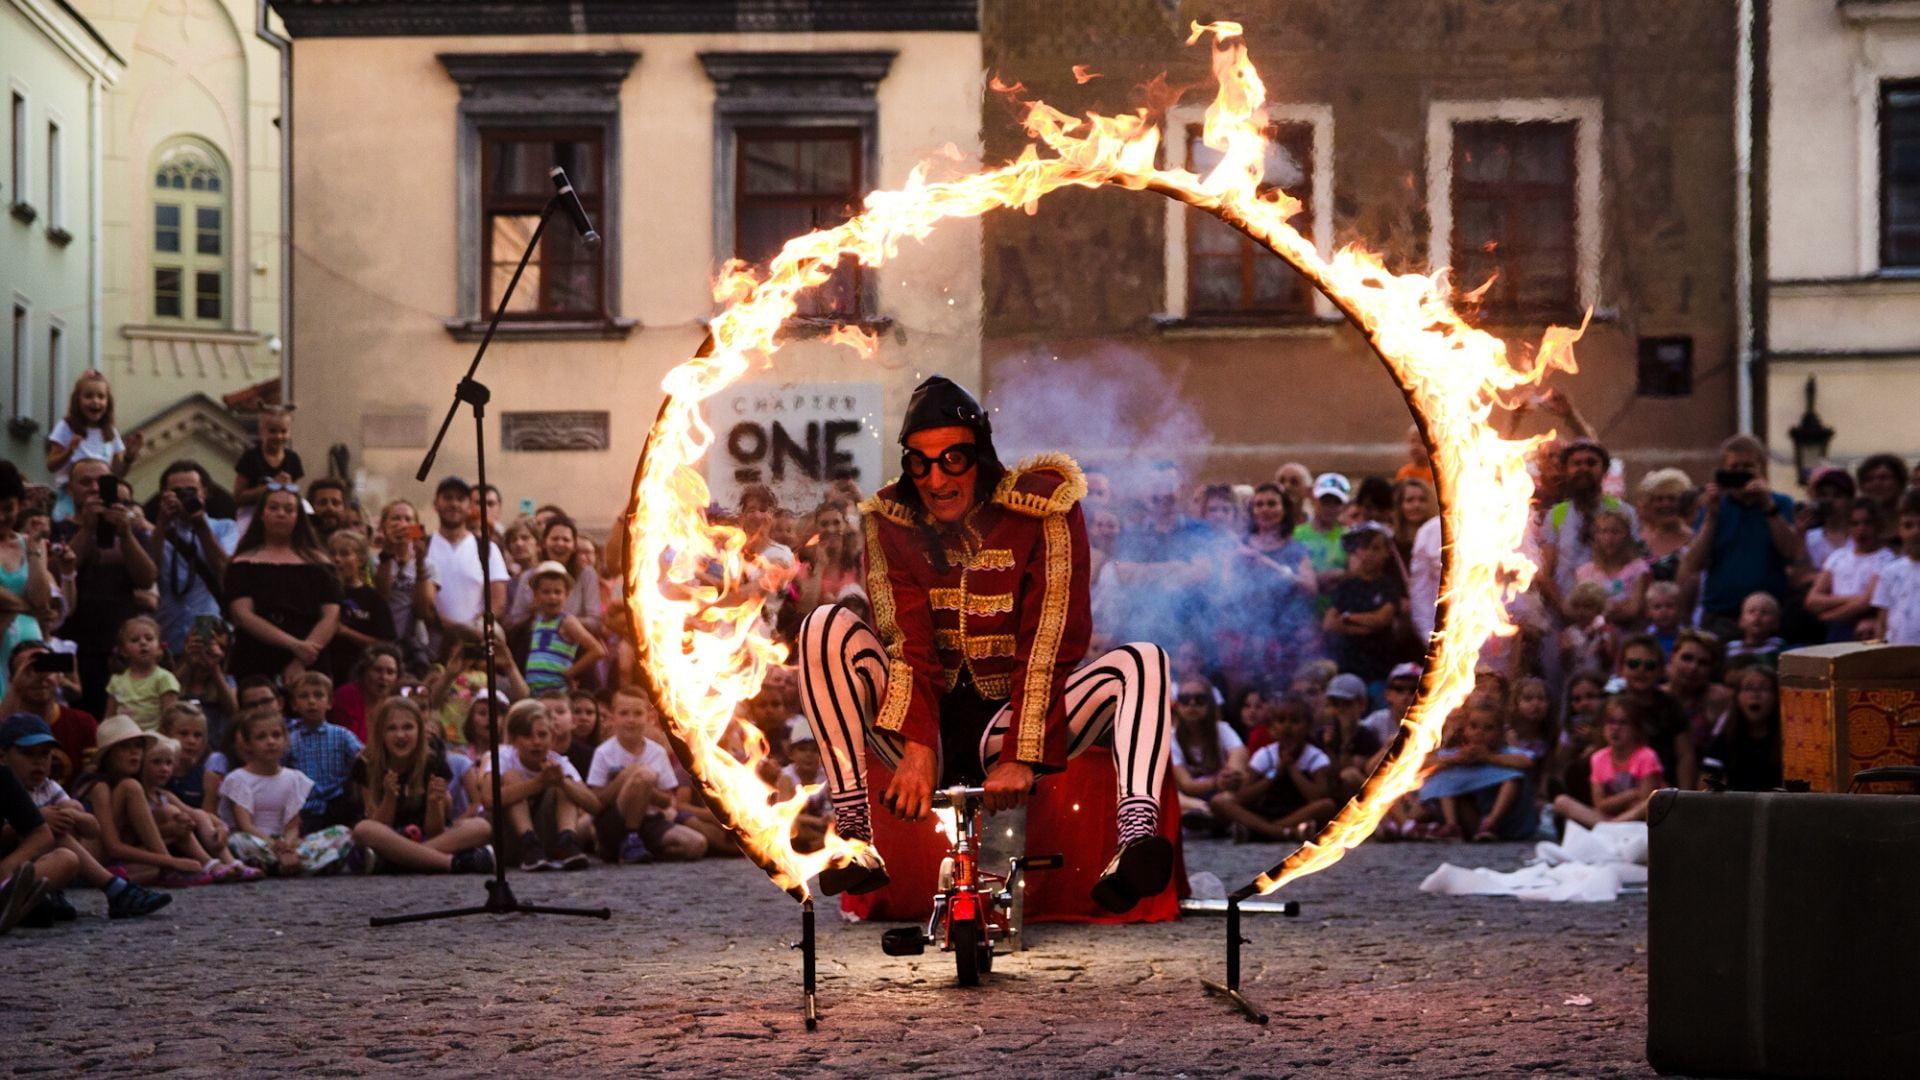 Występ artysty ulicznego podczas Carnavalu Sztukmistrzów. Mężczyzna przejeżdża na miniaturowym rowerku przez płonącą obręcz